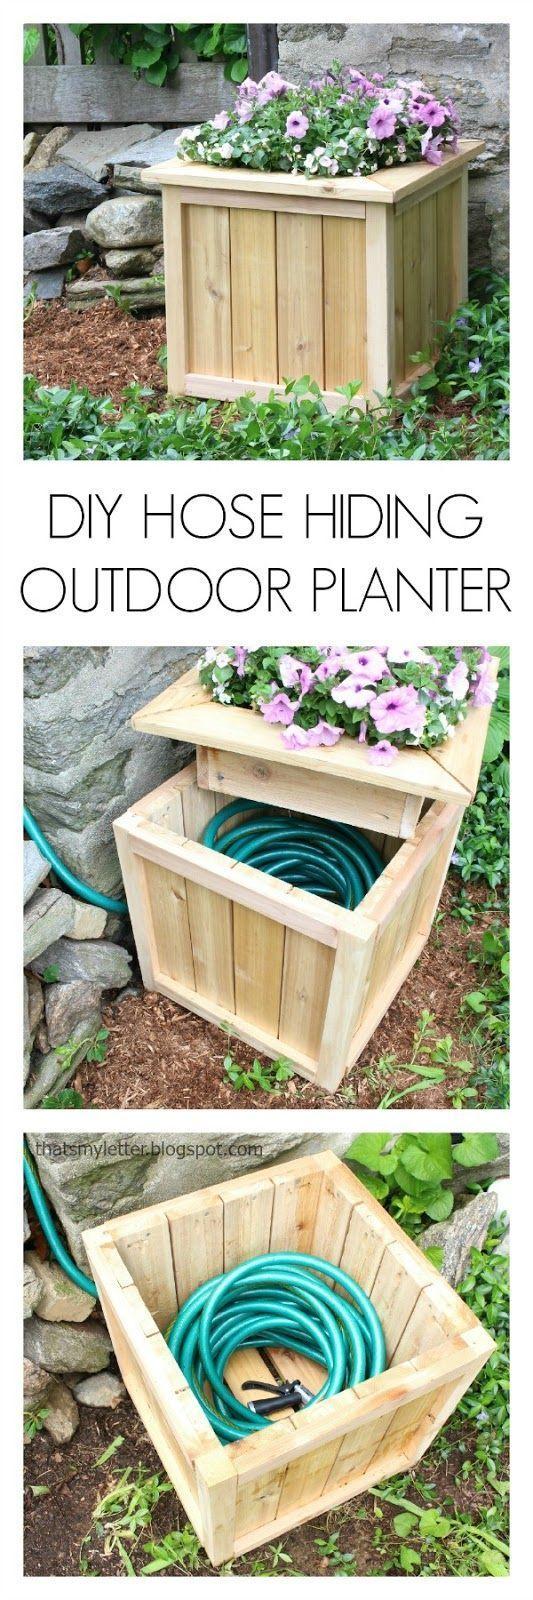 4 Make a Planter that Hides Your Hose